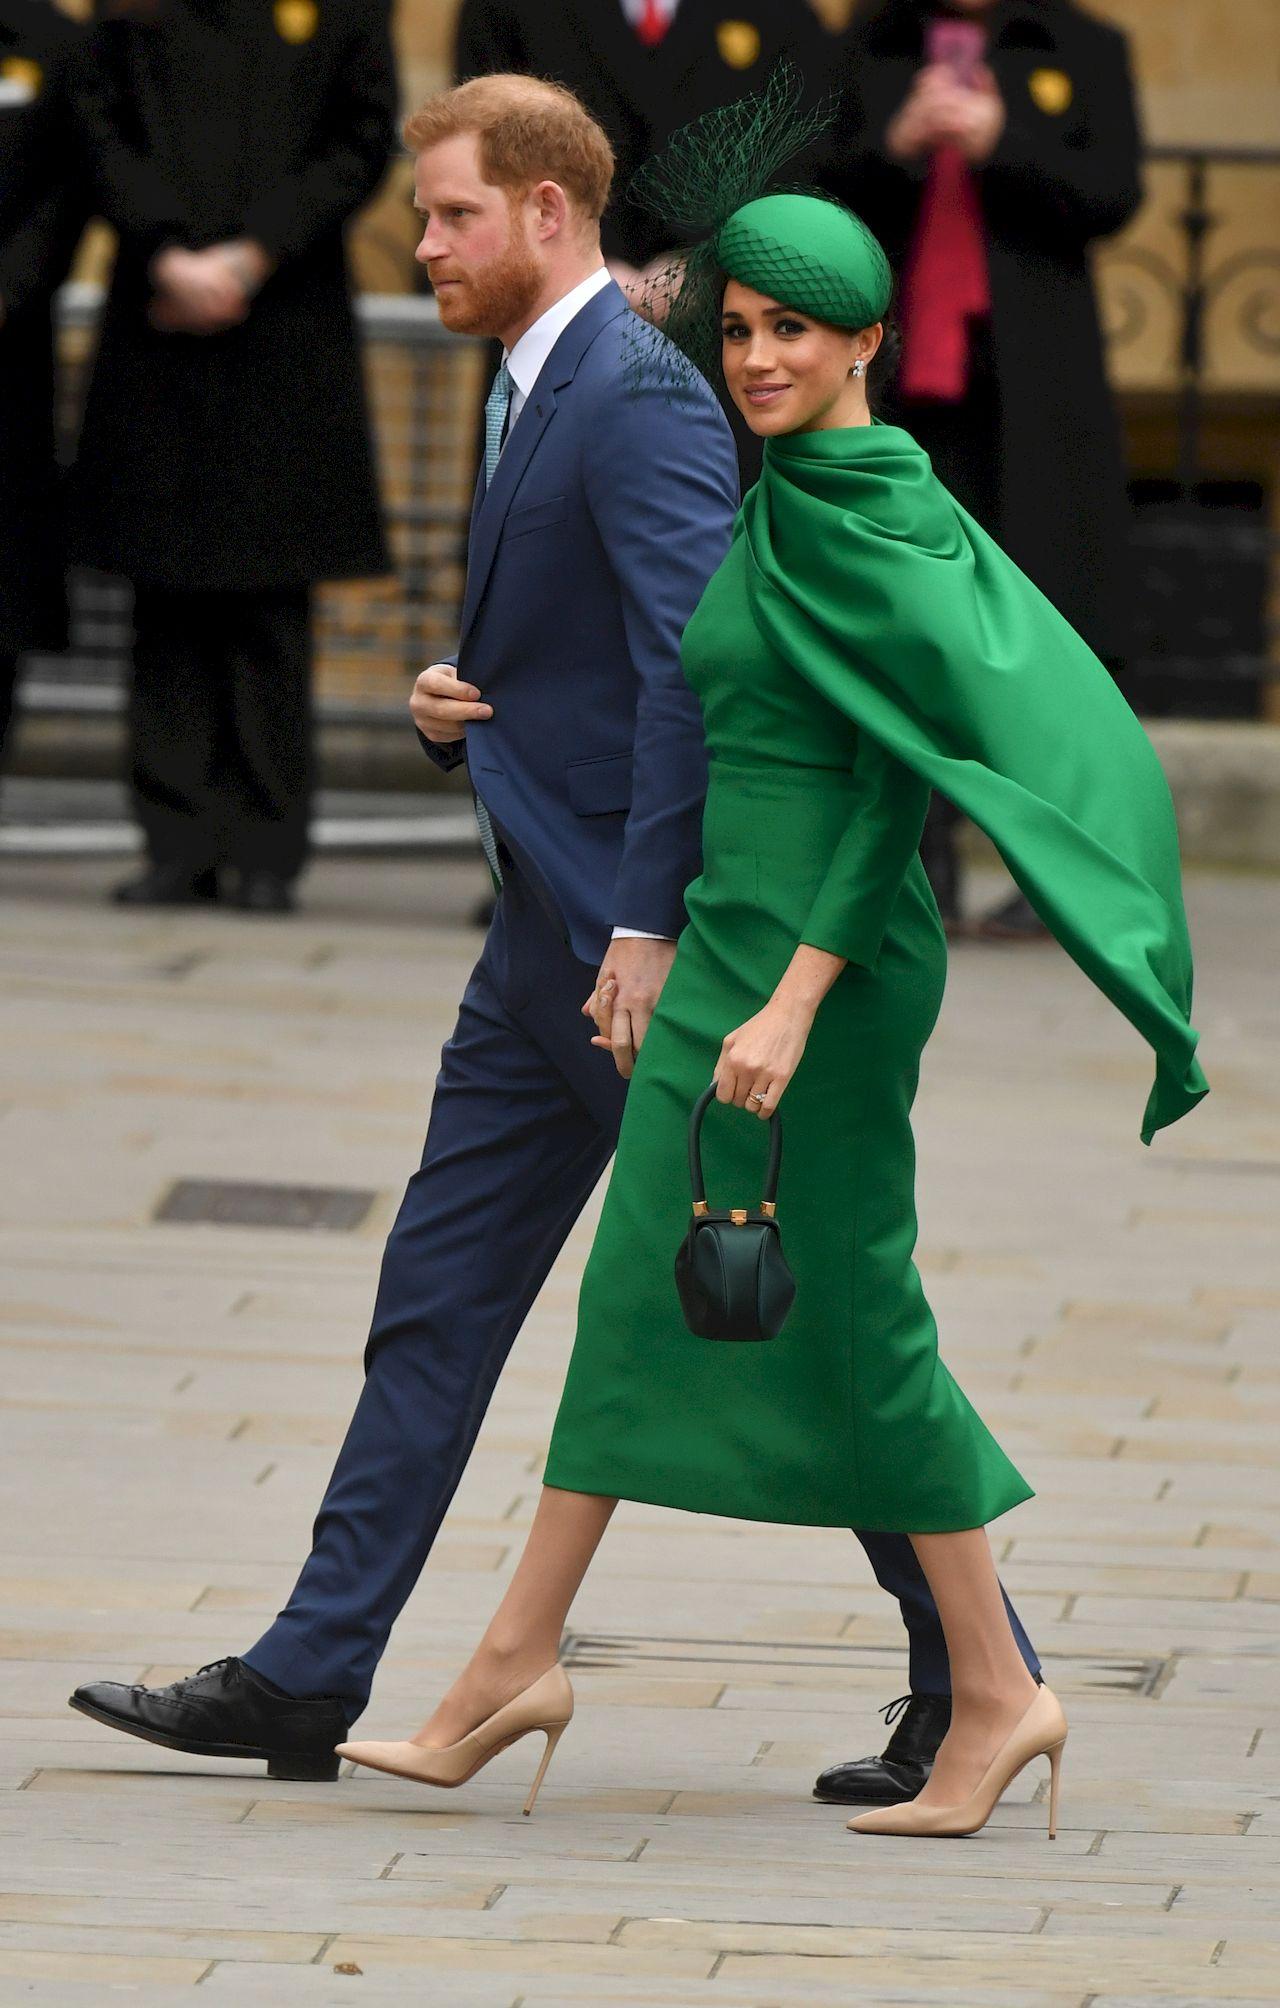 Książę Harry i Meghan Markle na ostatnim oficjalnym wyjściu